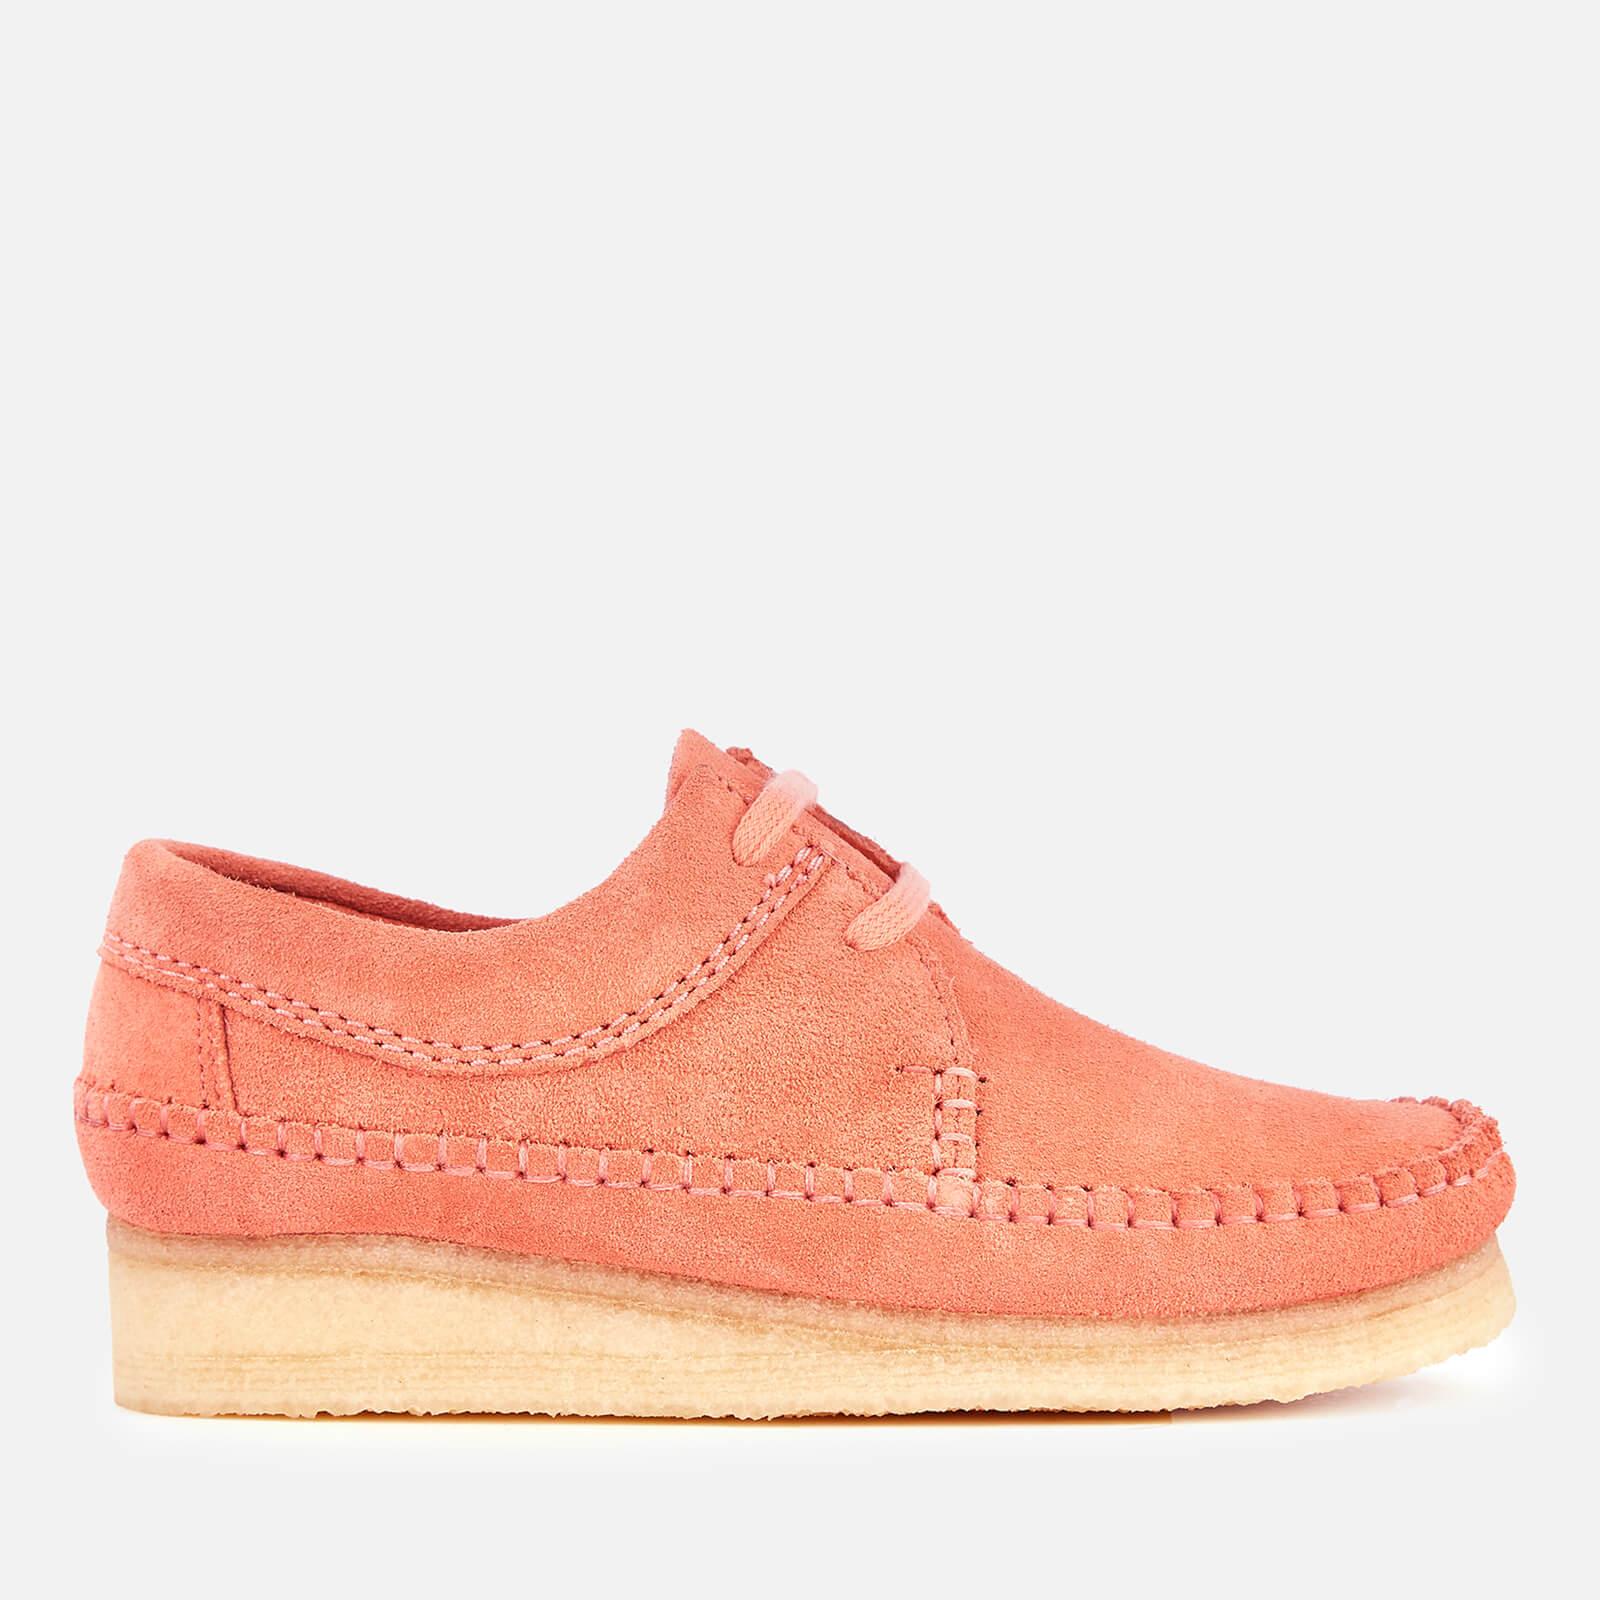 Clarks Originals Women's Weaver Suede Shoes - Coral - UK 6 - Pink